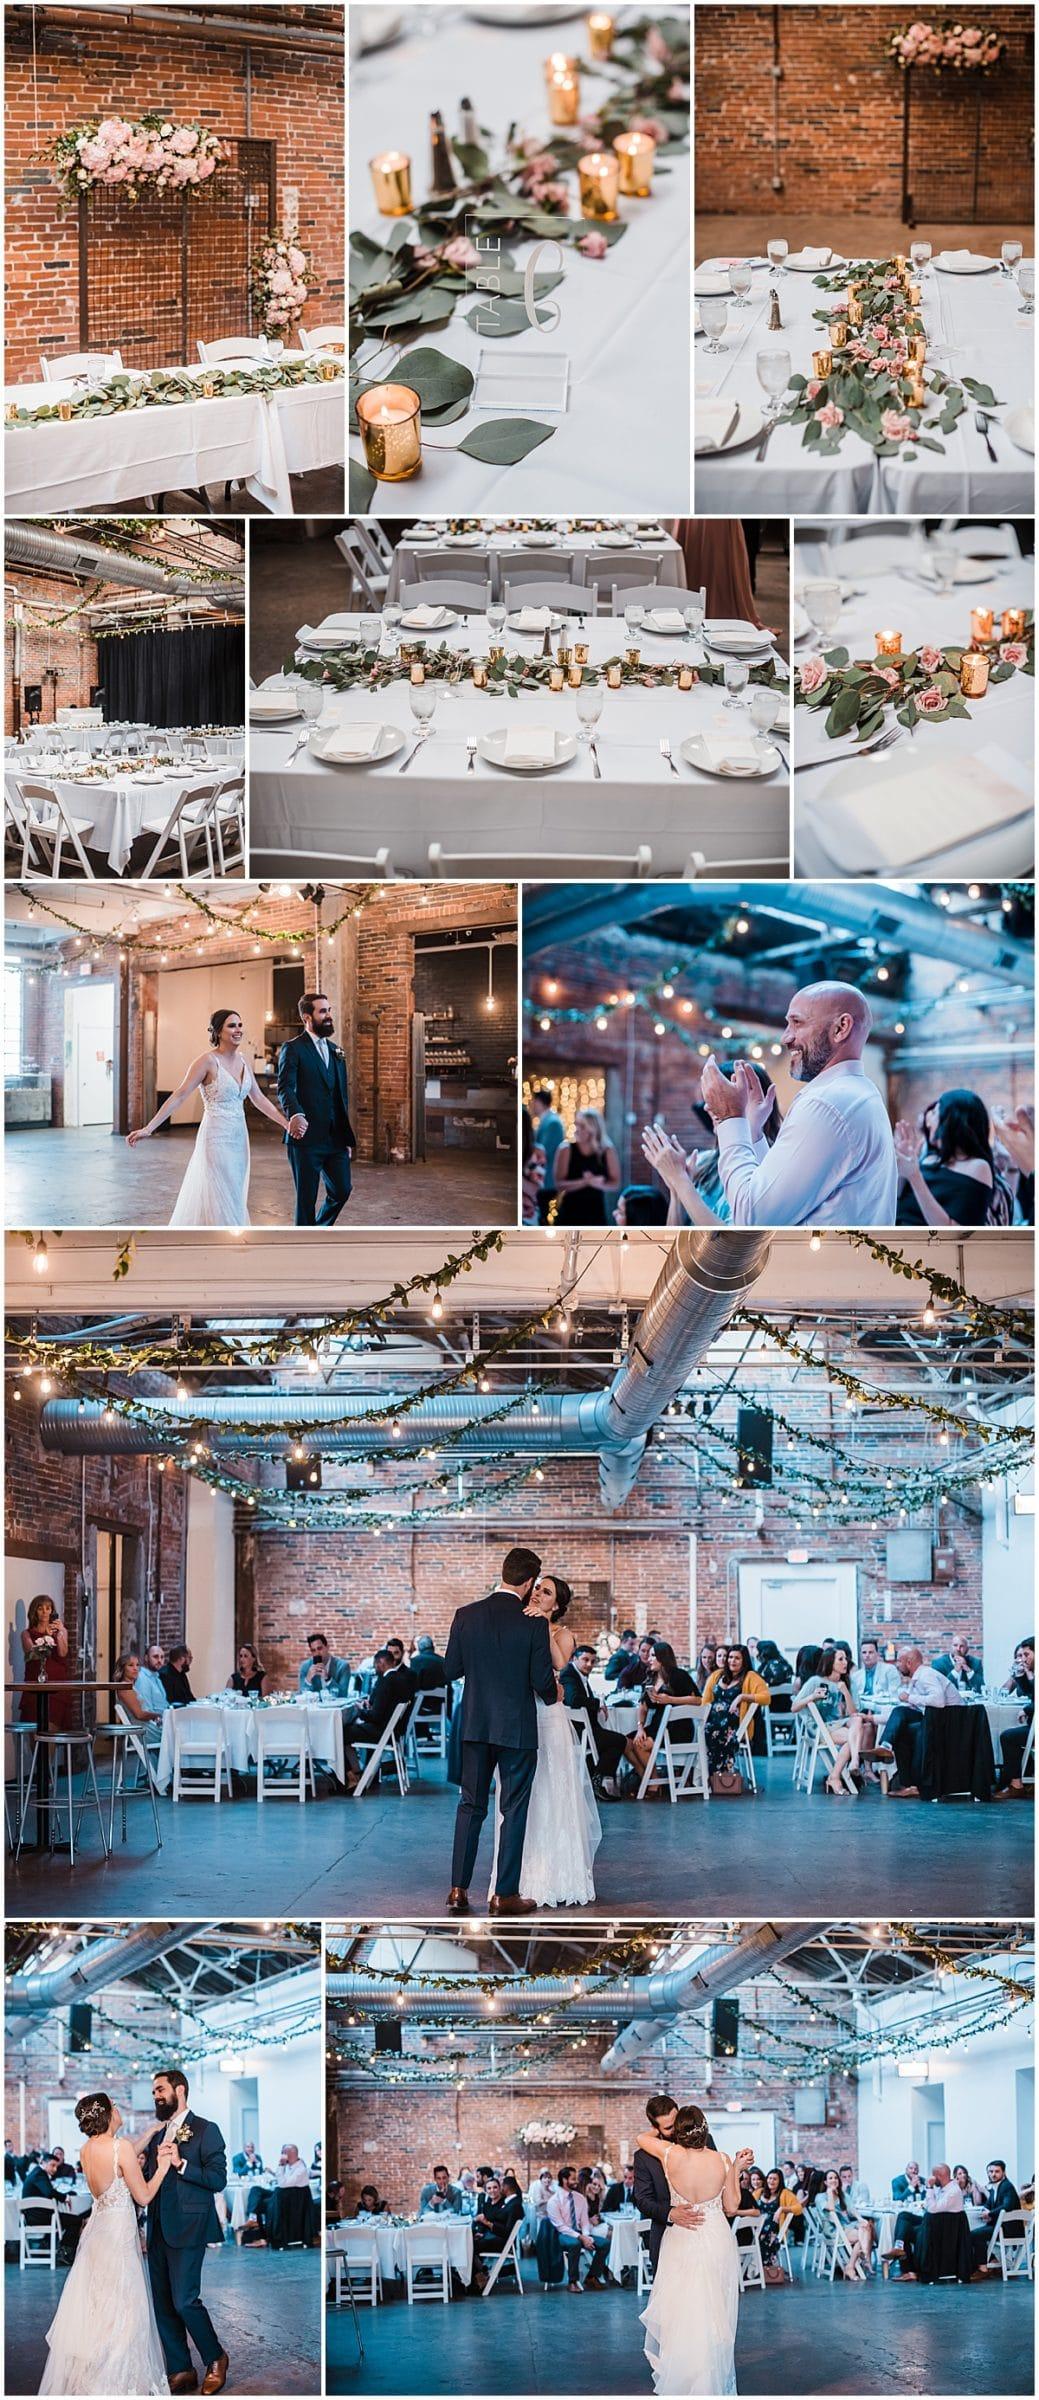 Strongwater Wedding Reception